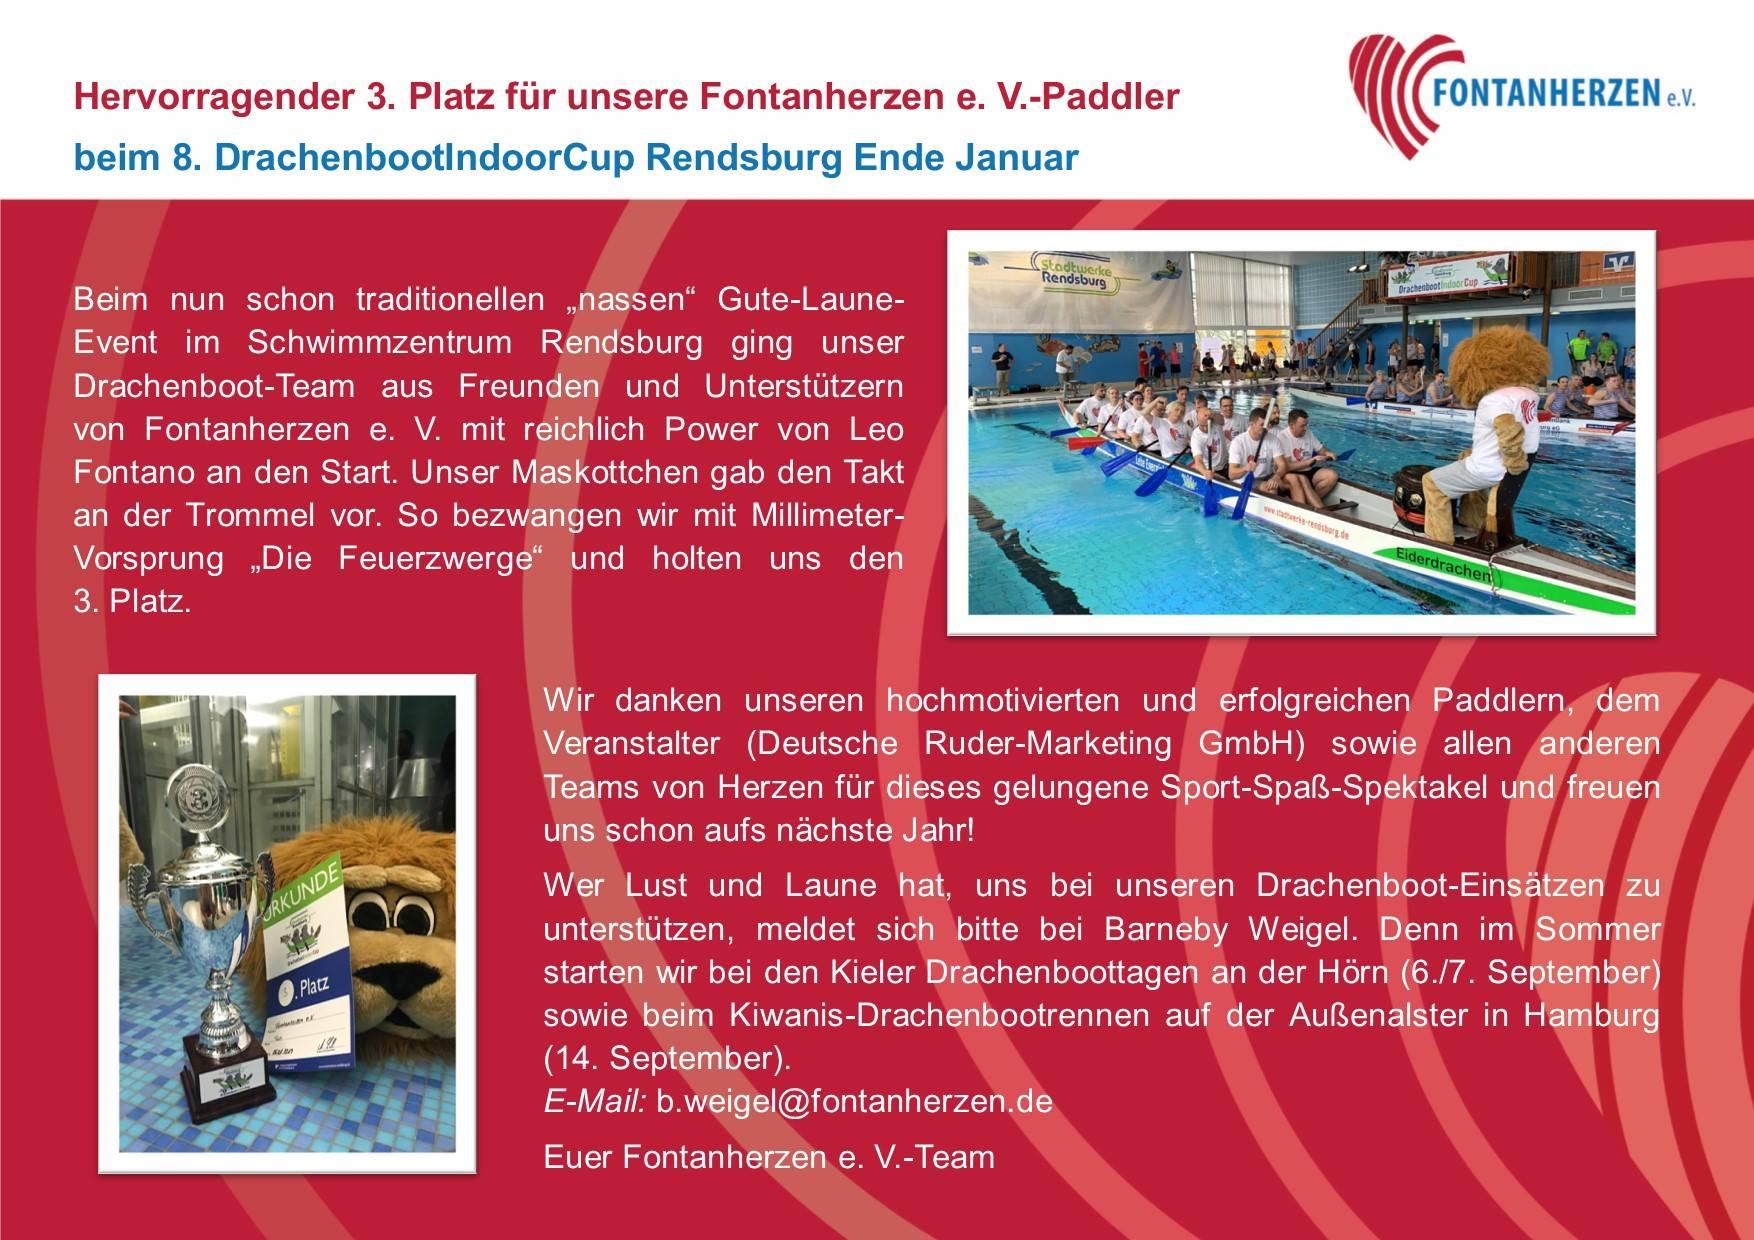 3. Platz beim 8. DrachenbootIndoorCup Rendsburg